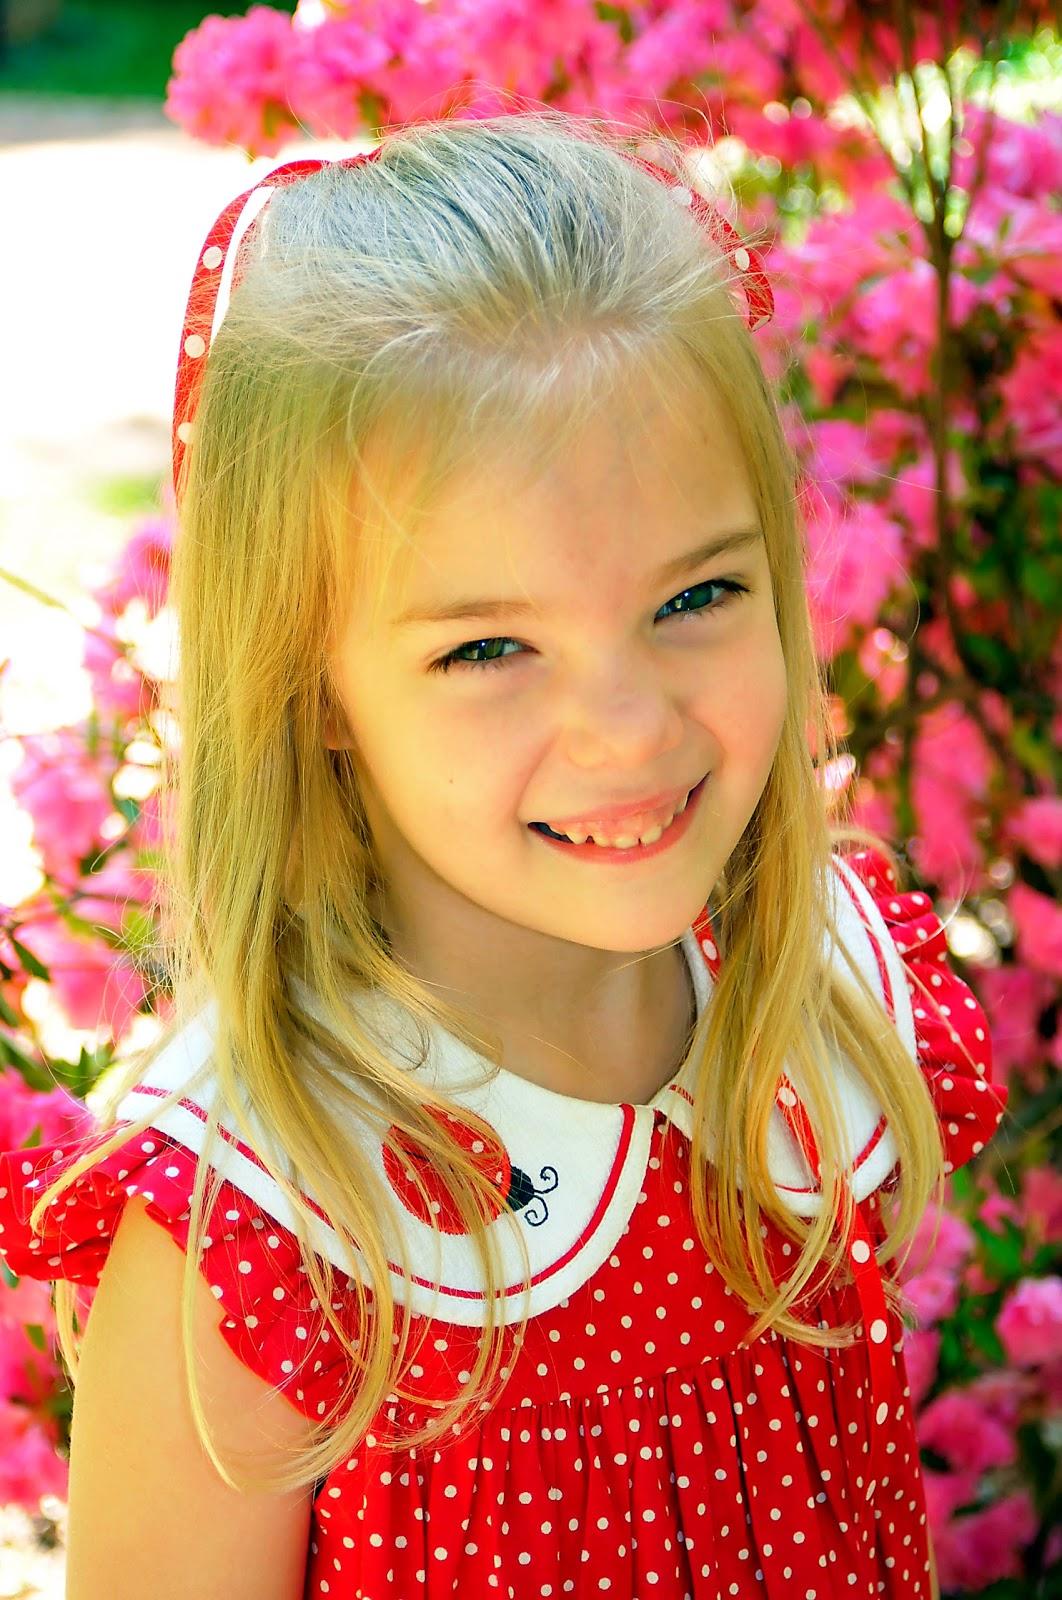 ... ... it's me. It's my daughter. It's one of my most precious memories